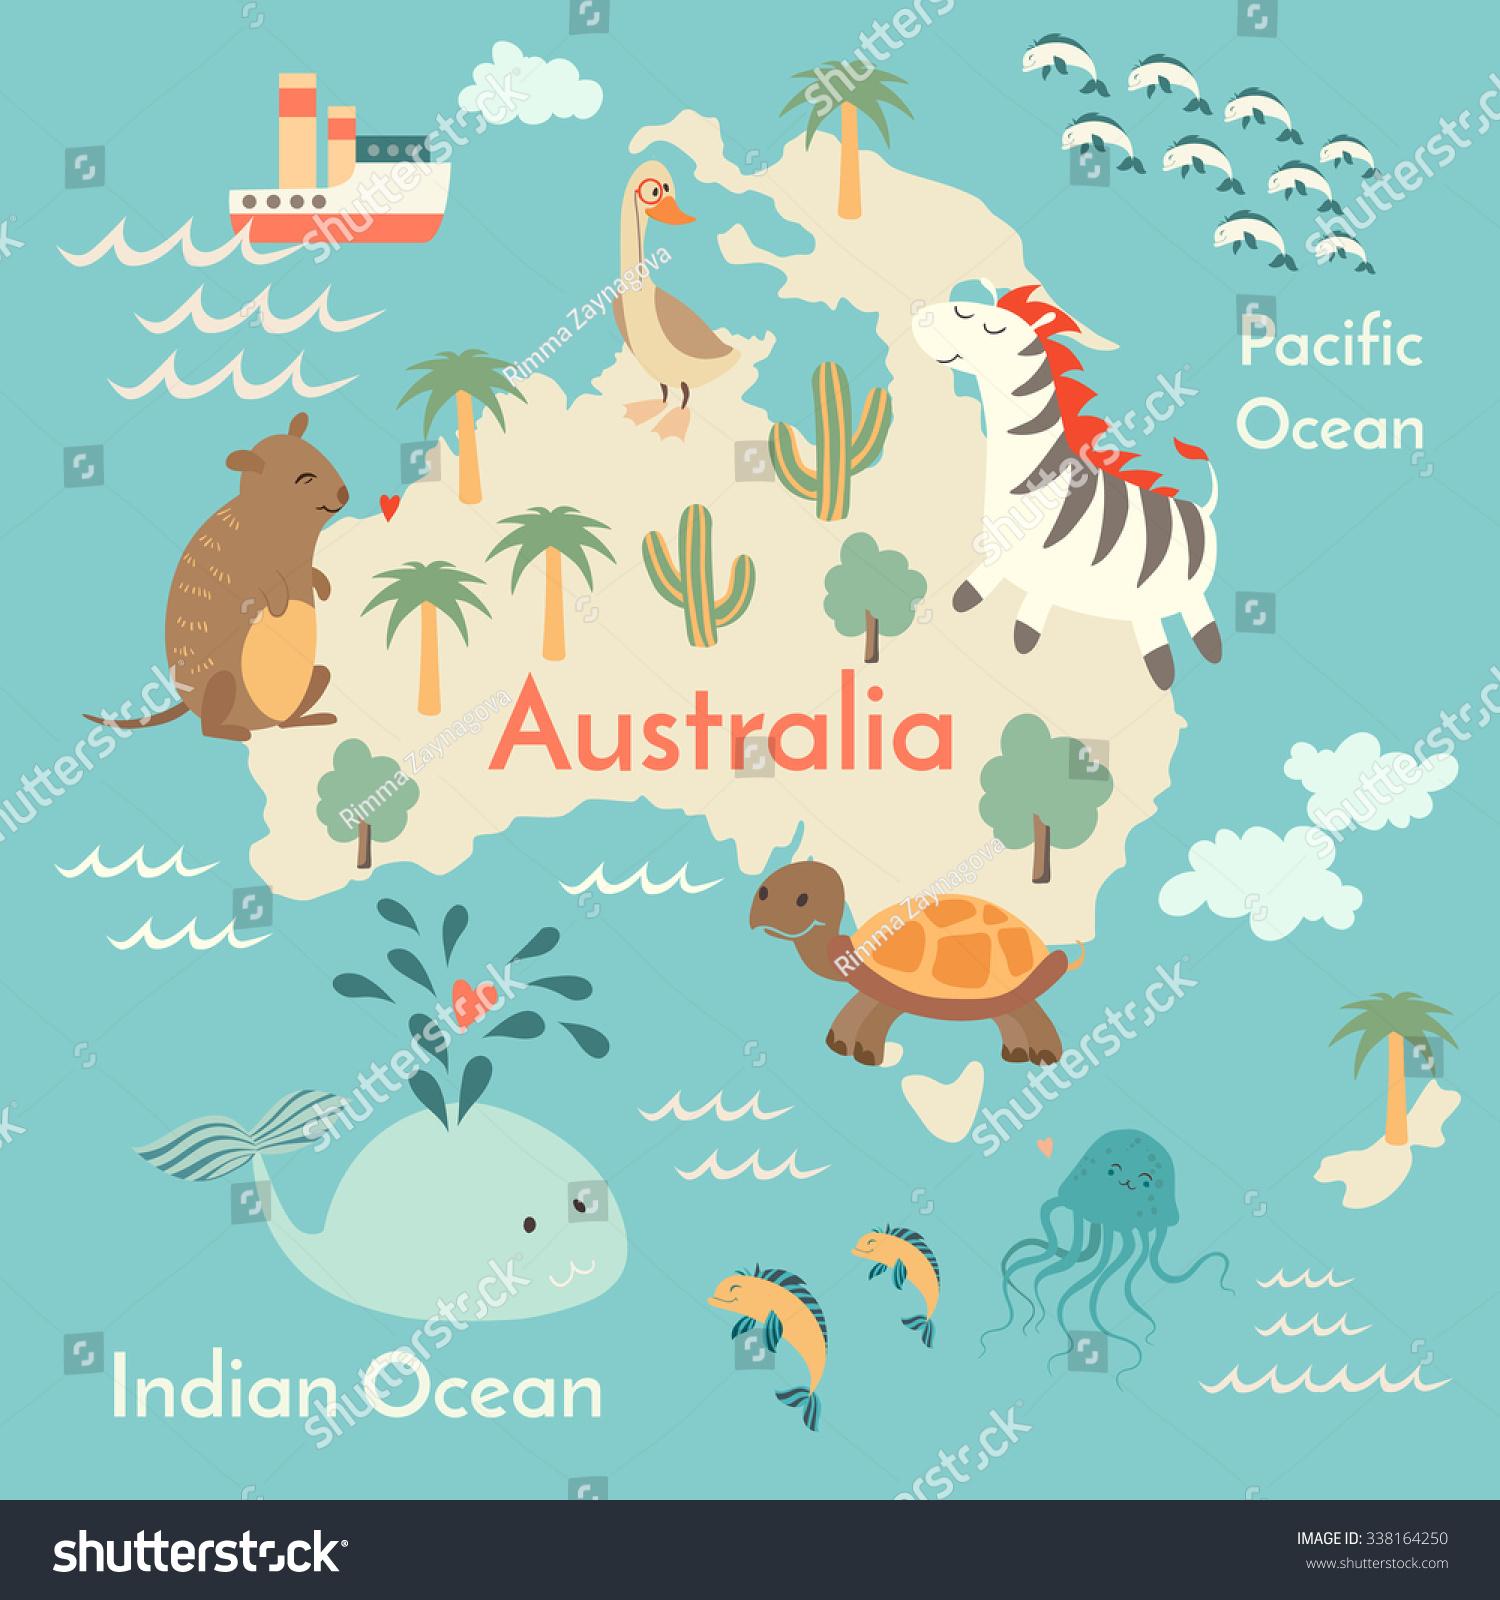 Animals World Map Australiaaustralia Map Childrenkids Stock Vector - Australia on the world map